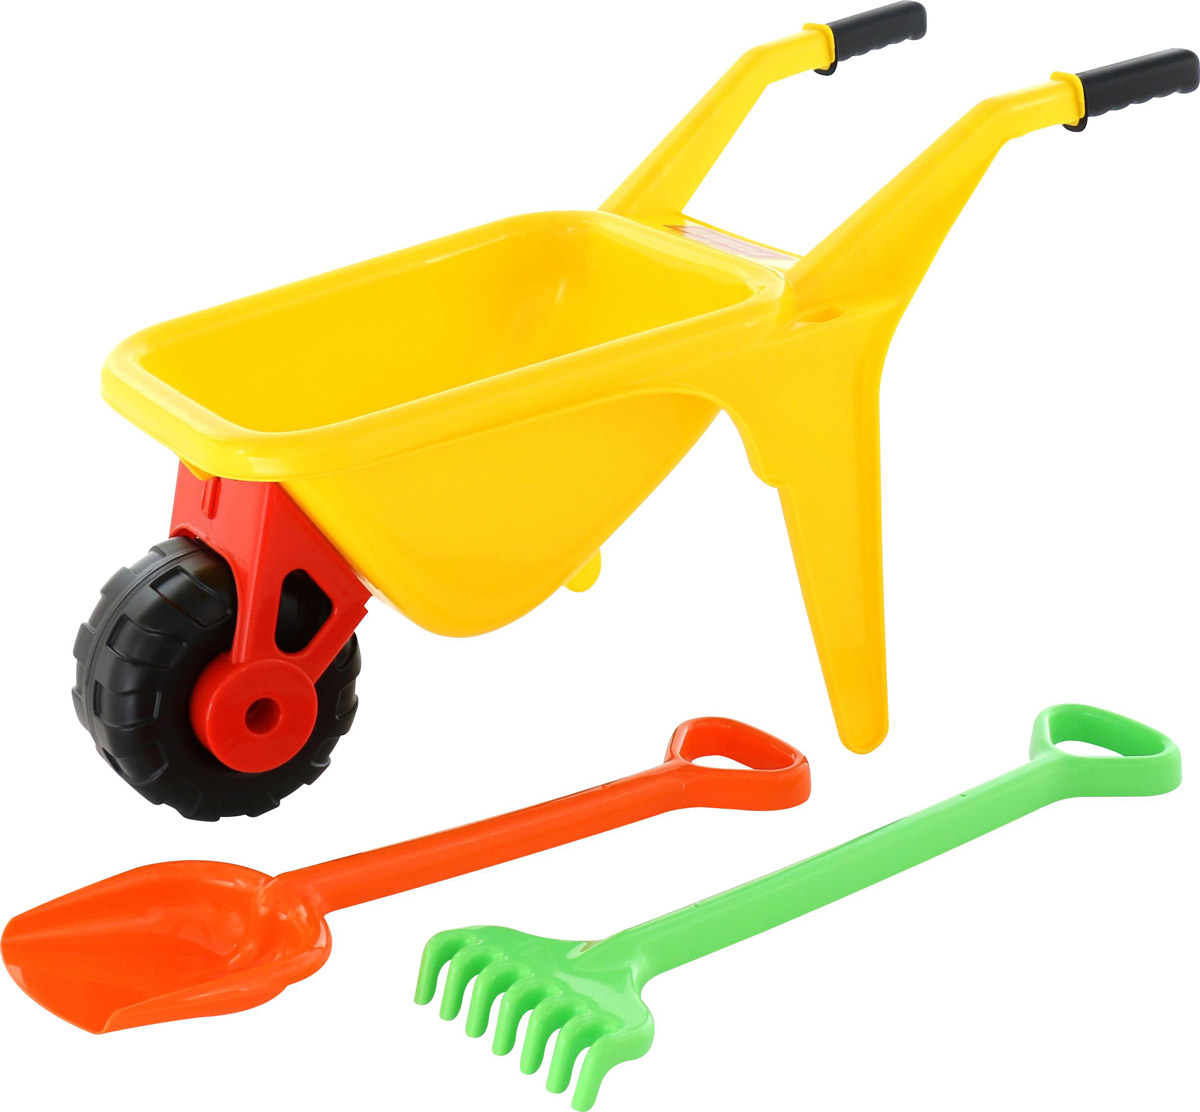 Полесье Набор игрушек для песочницы Тачка Садовод с лопатой и граблями цвет желтый полесье полесье инструменты тачка 4 набор каменщика 2